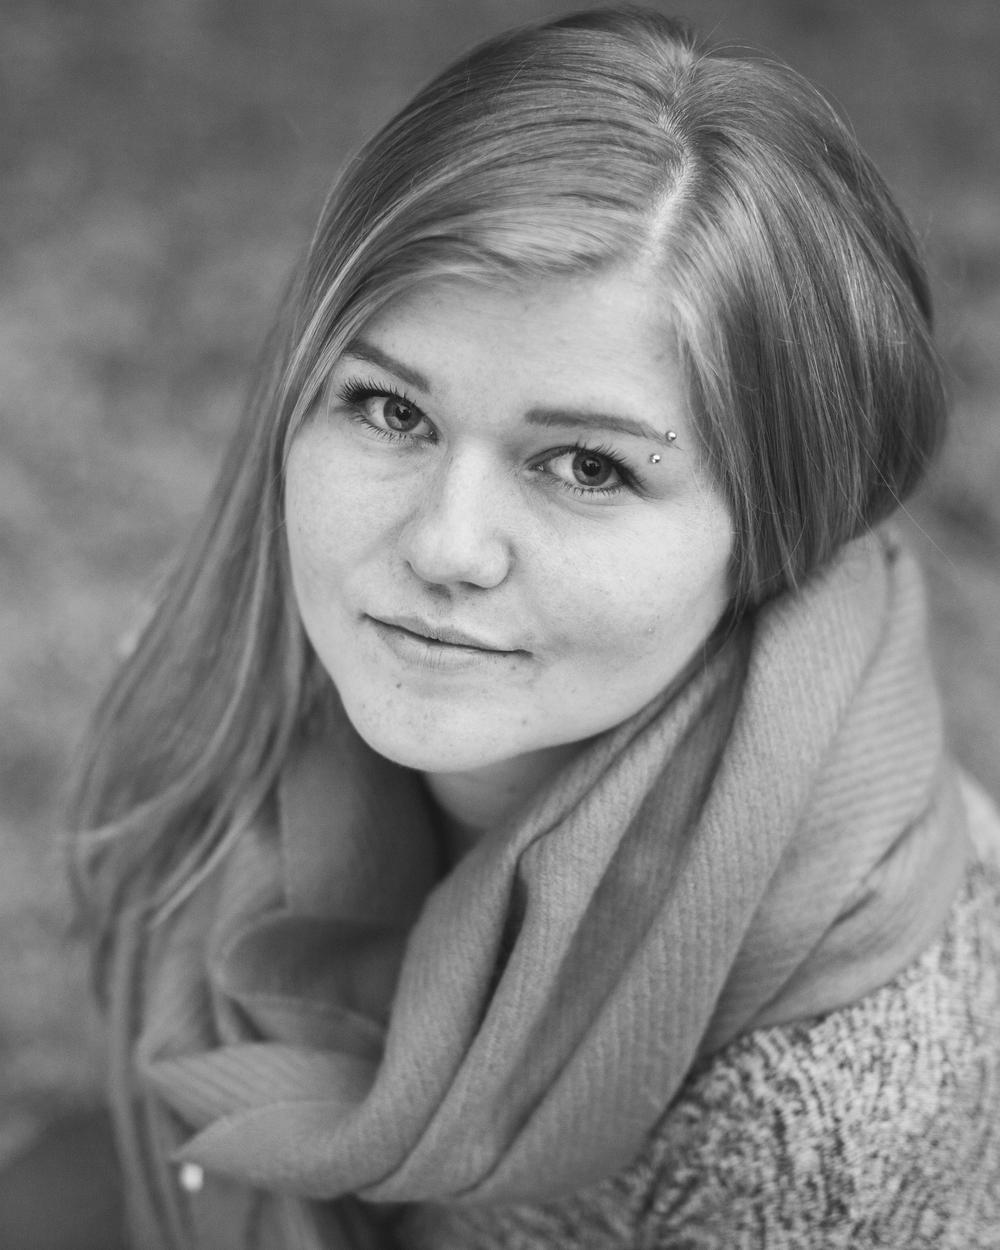 Michelle Brenden – Interaction Designer Studies: Interaction Design Campus: The Norwegian School of Creative Studies Hometown: Bodø, Norway